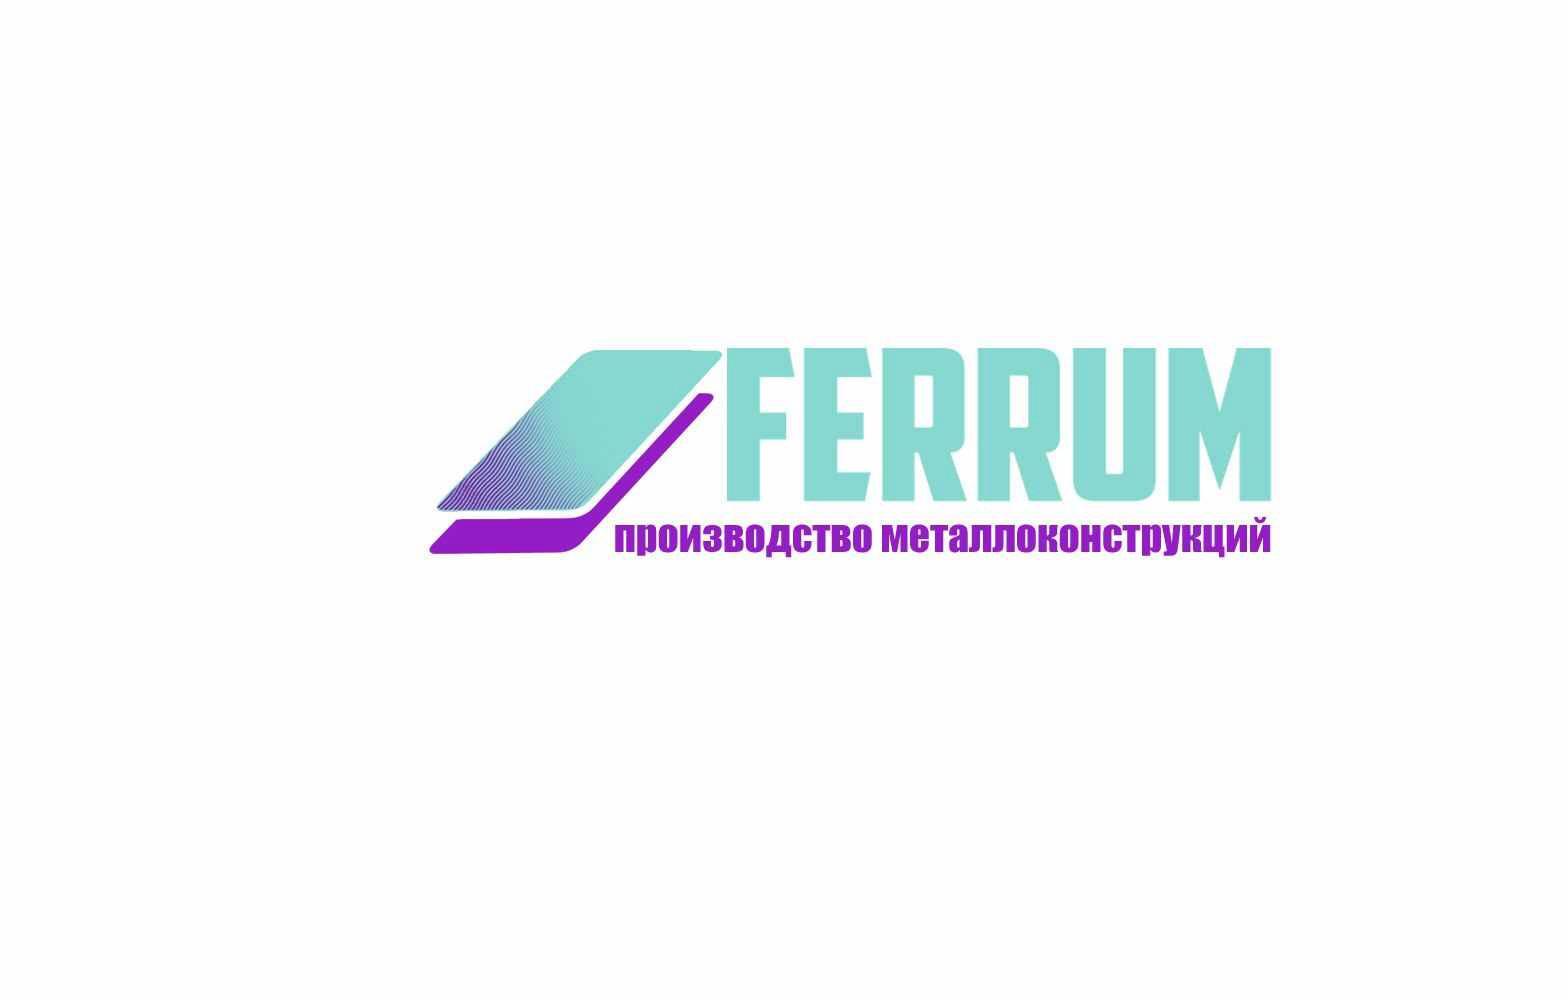 Ferrum-PMK